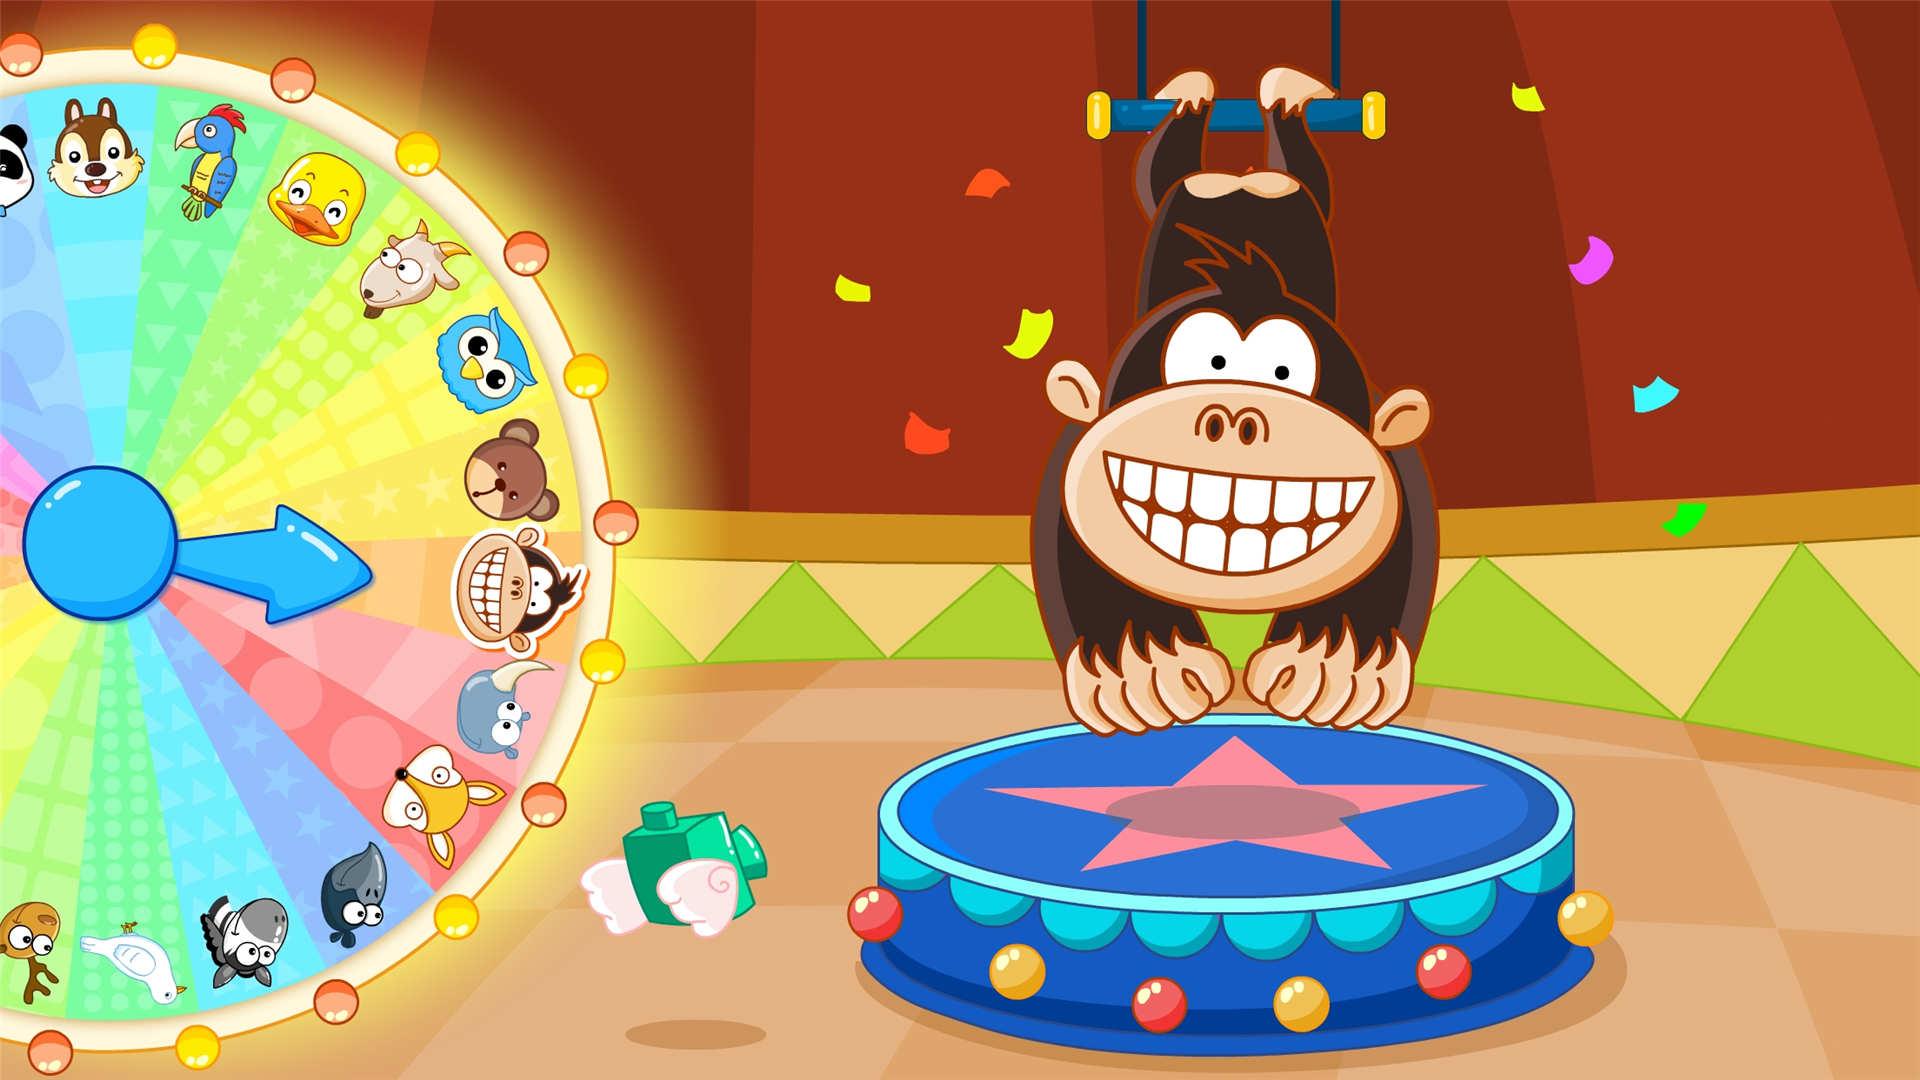 马戏团的动物明星儿童画